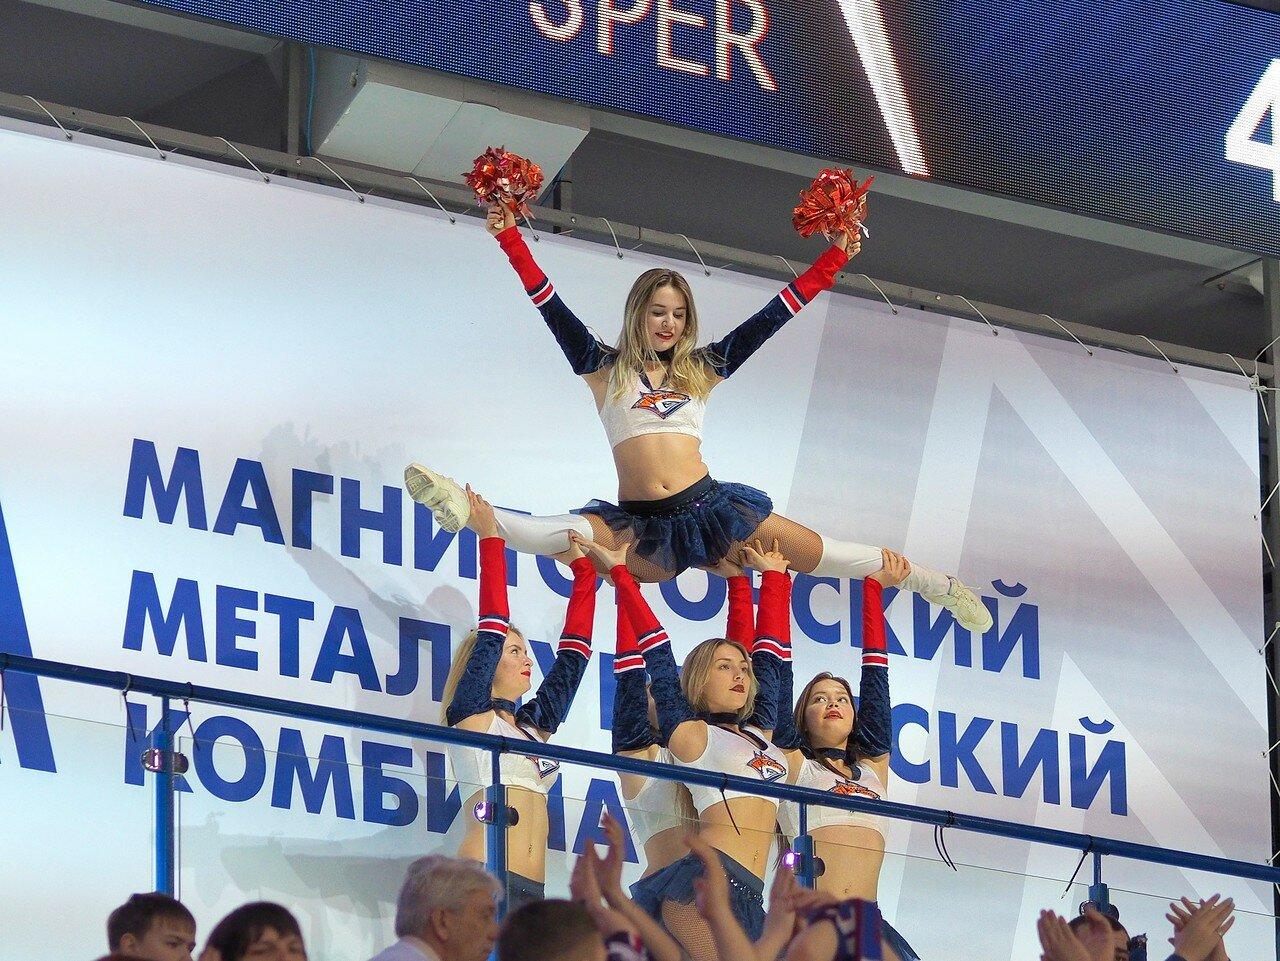 121Металлург - Витязь 25.11.2016